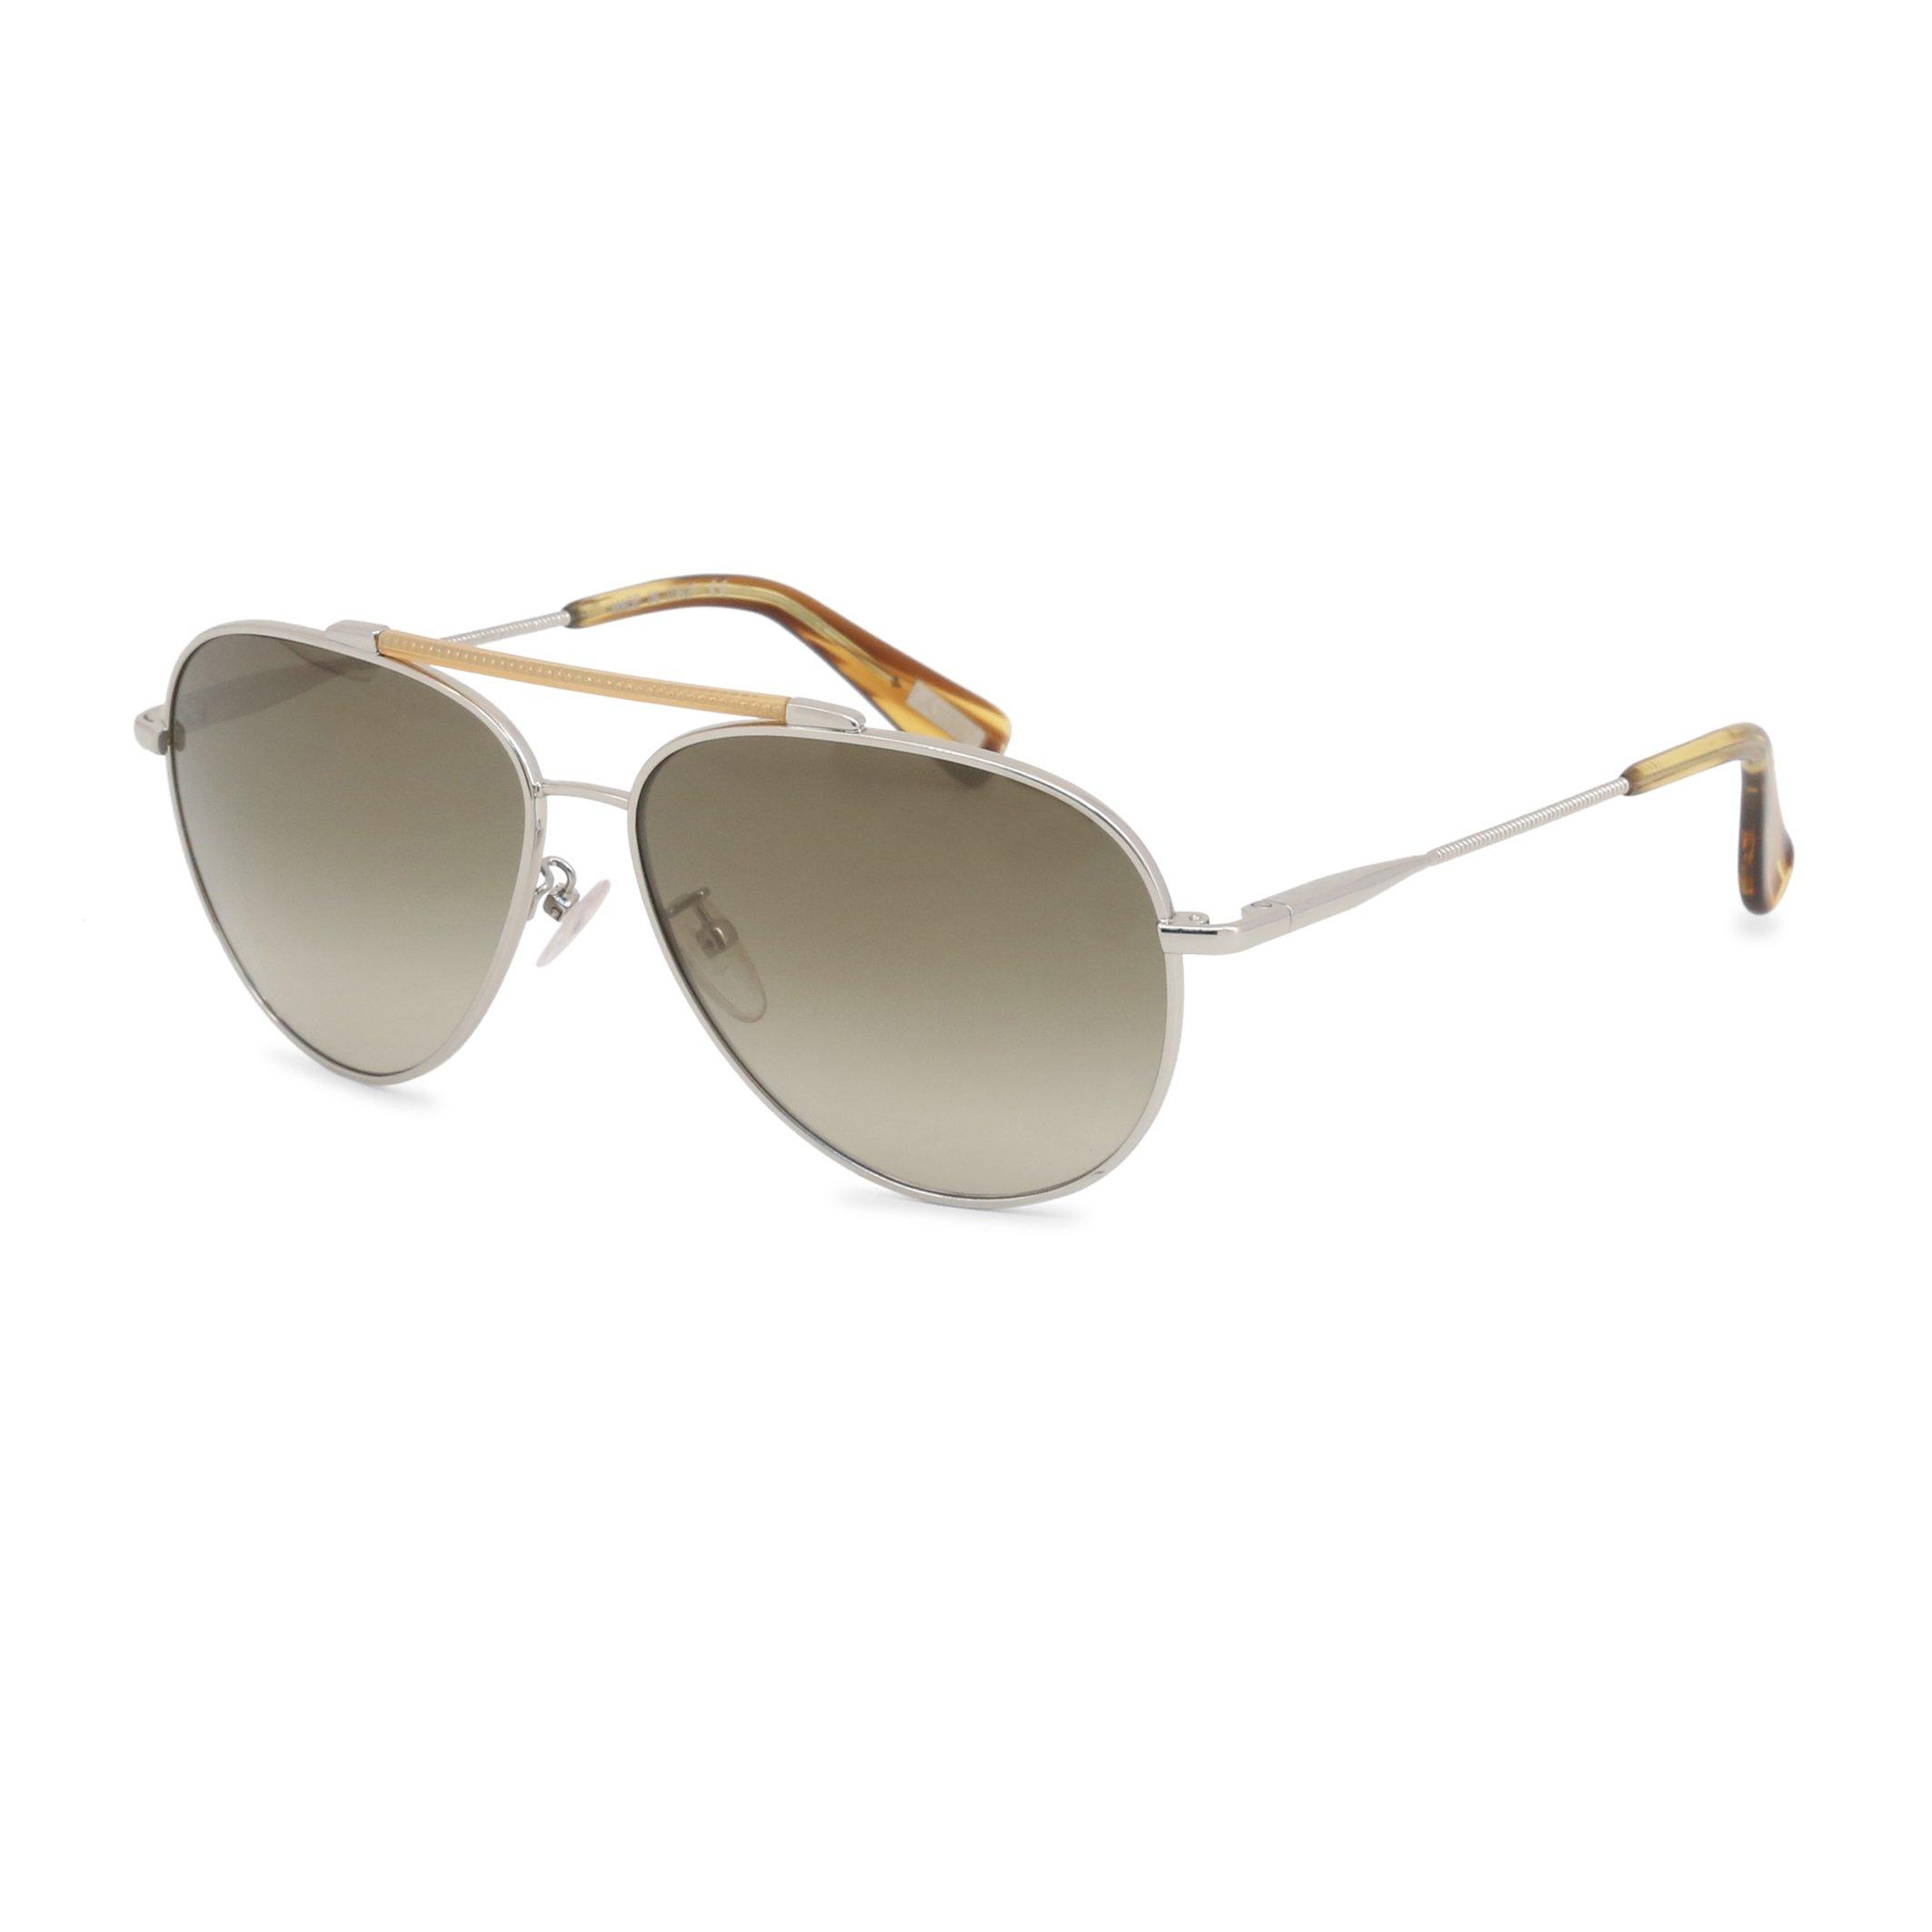 Lanvin Men's Sunglasses Various Colours SLN065M - grey NOSIZE